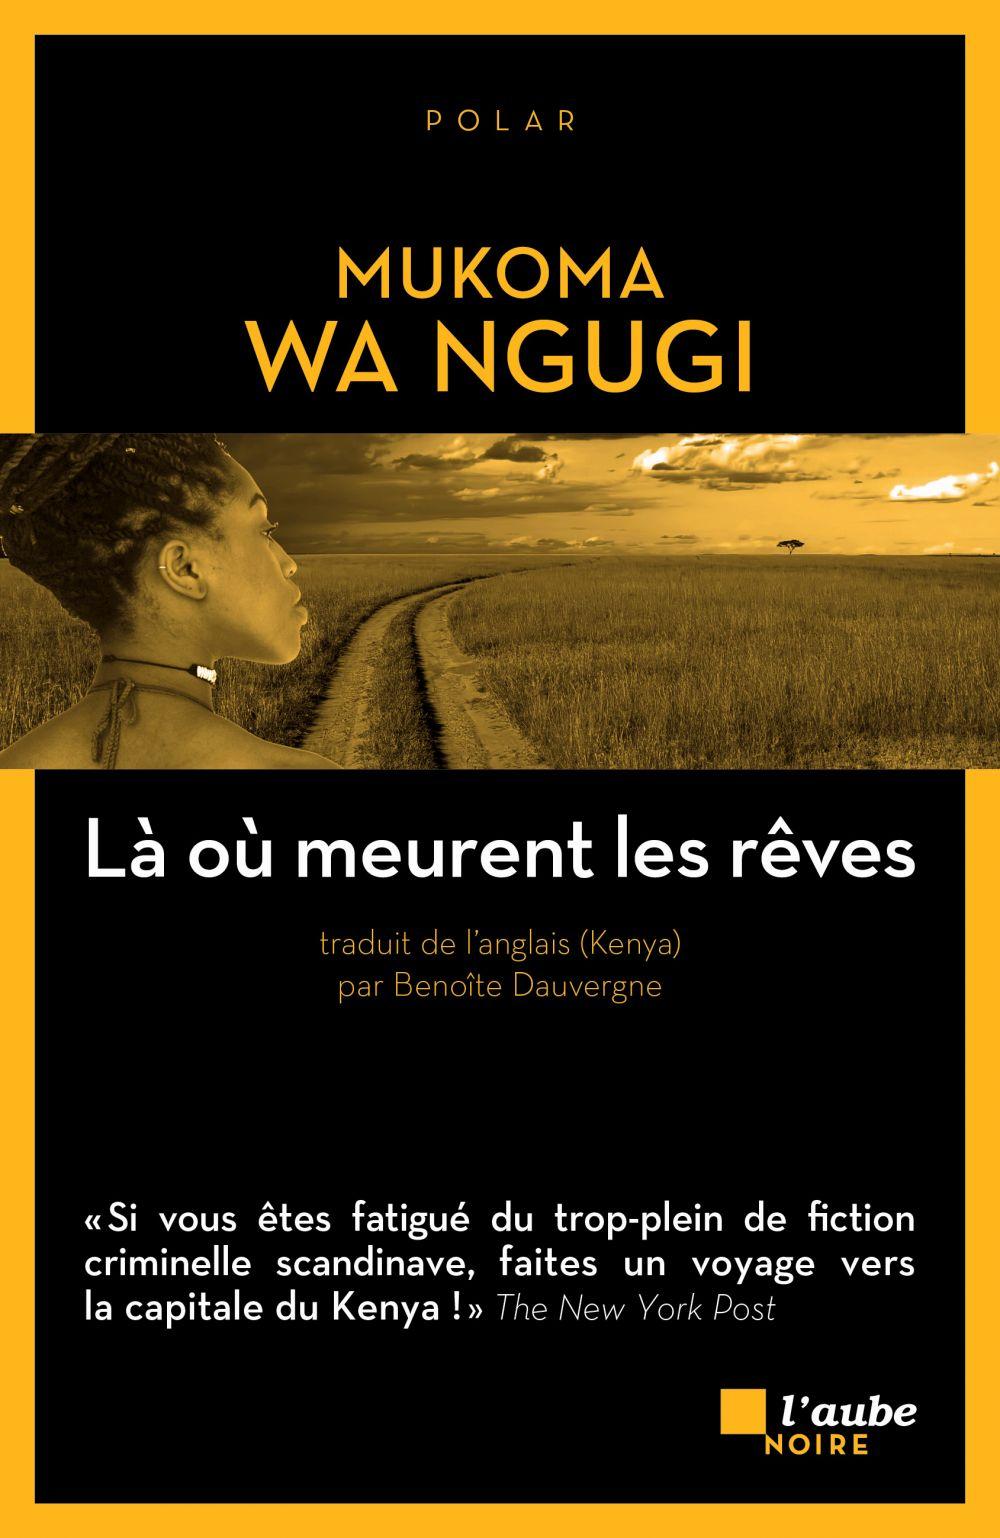 Là où meurent les rêves | Mukoma wa Ngugi (1971-....). Auteur